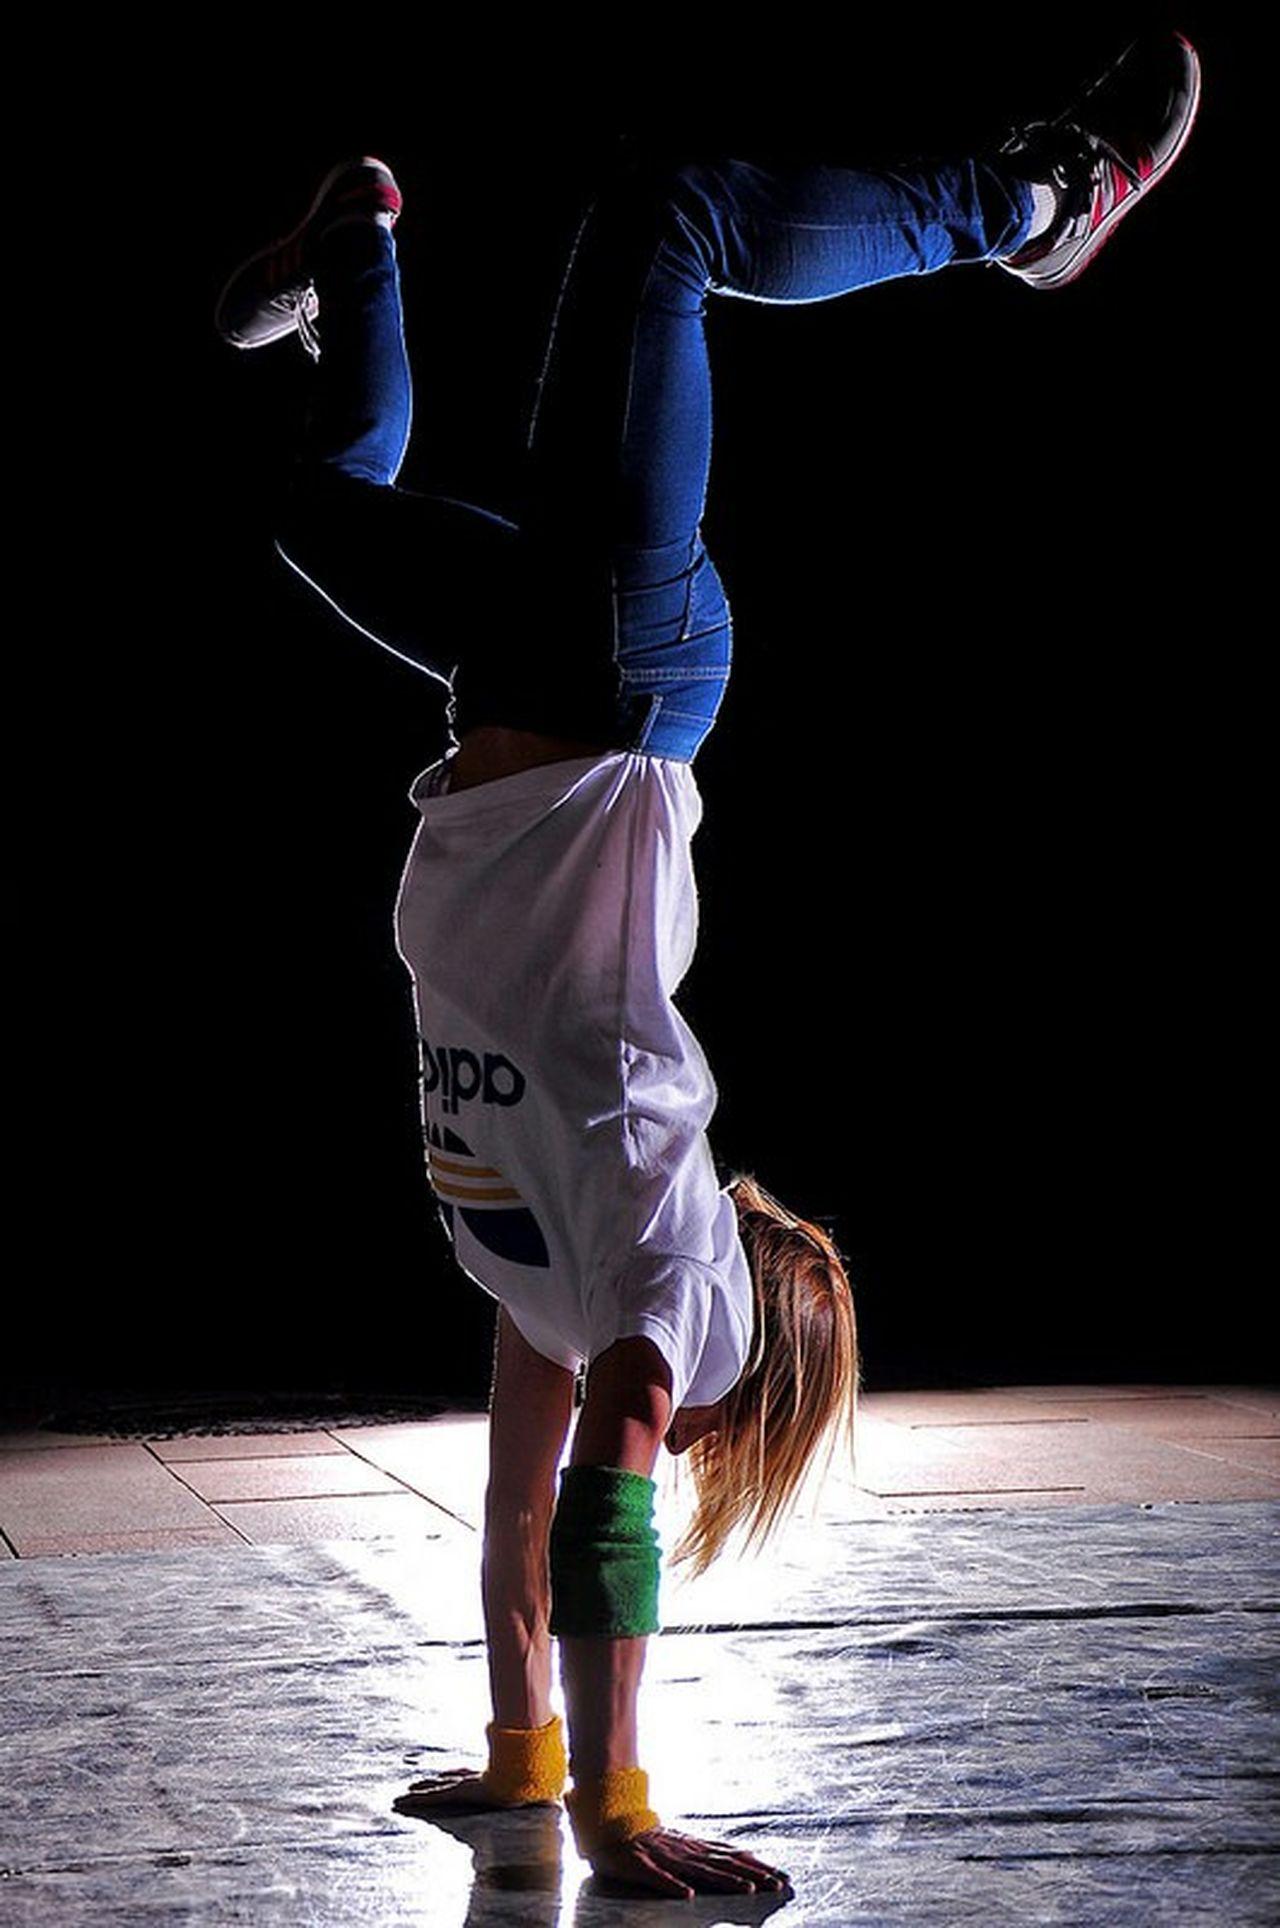 Bgirl Bgirl Break Breakdance Breakdancing Breaktime Breakgirl Dance Dancer Streetdance Streetdancer Streetdancing Enemysquad Portrait Portraitmaffia Portrait Of A Friend Portrait Of A Woman Portraits Bgirlandi PortraitPhotography Pécs Pécscity Széchenyitérpécs